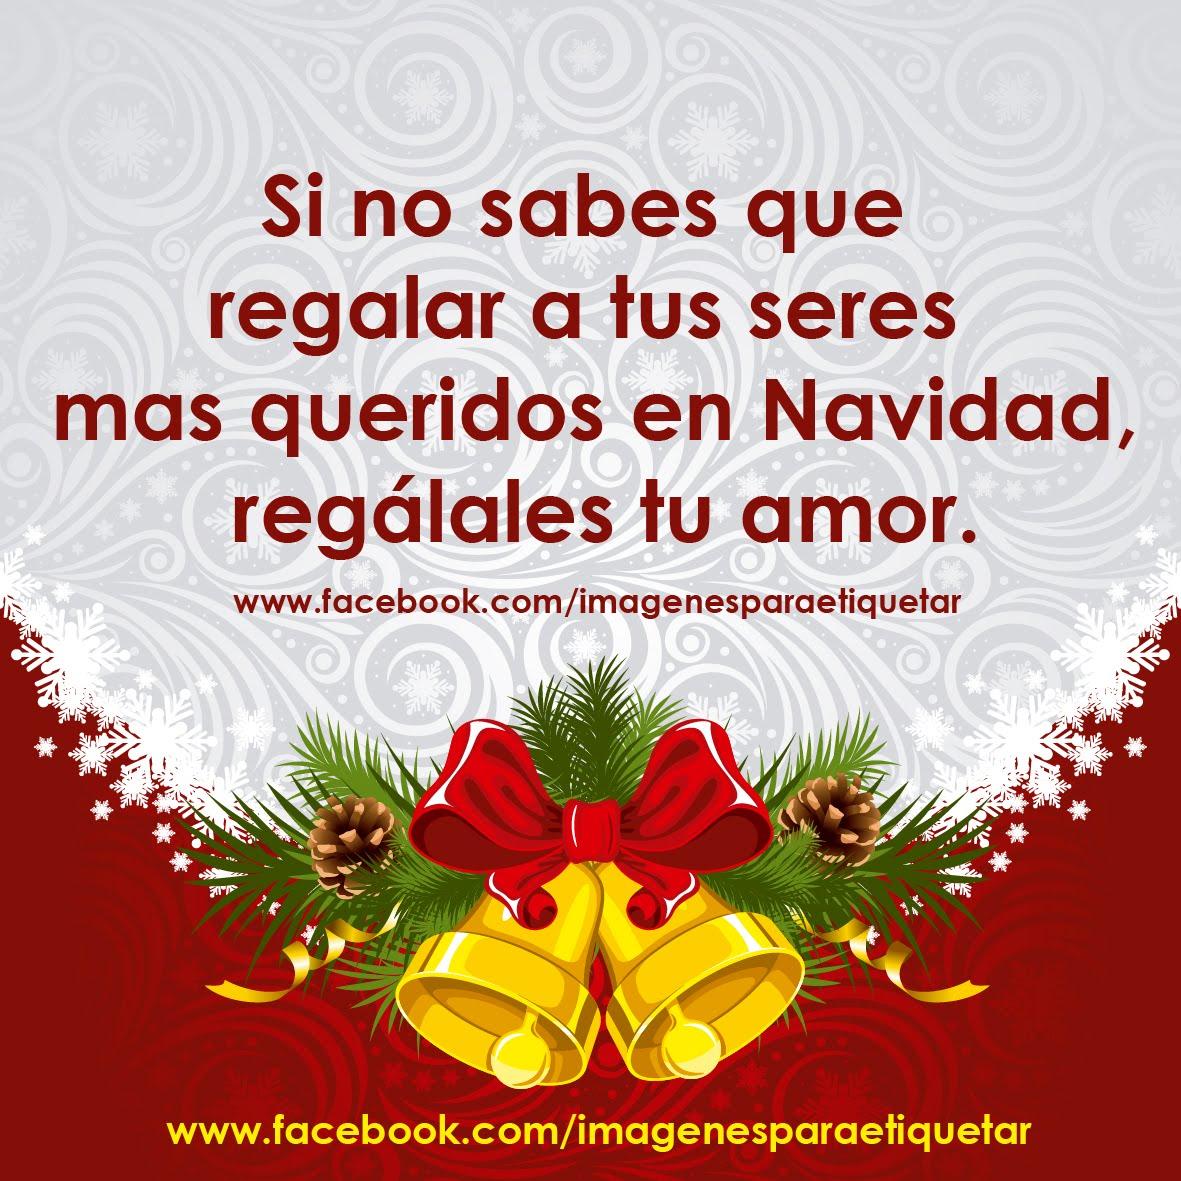 Frases Navidad sobre el amor en